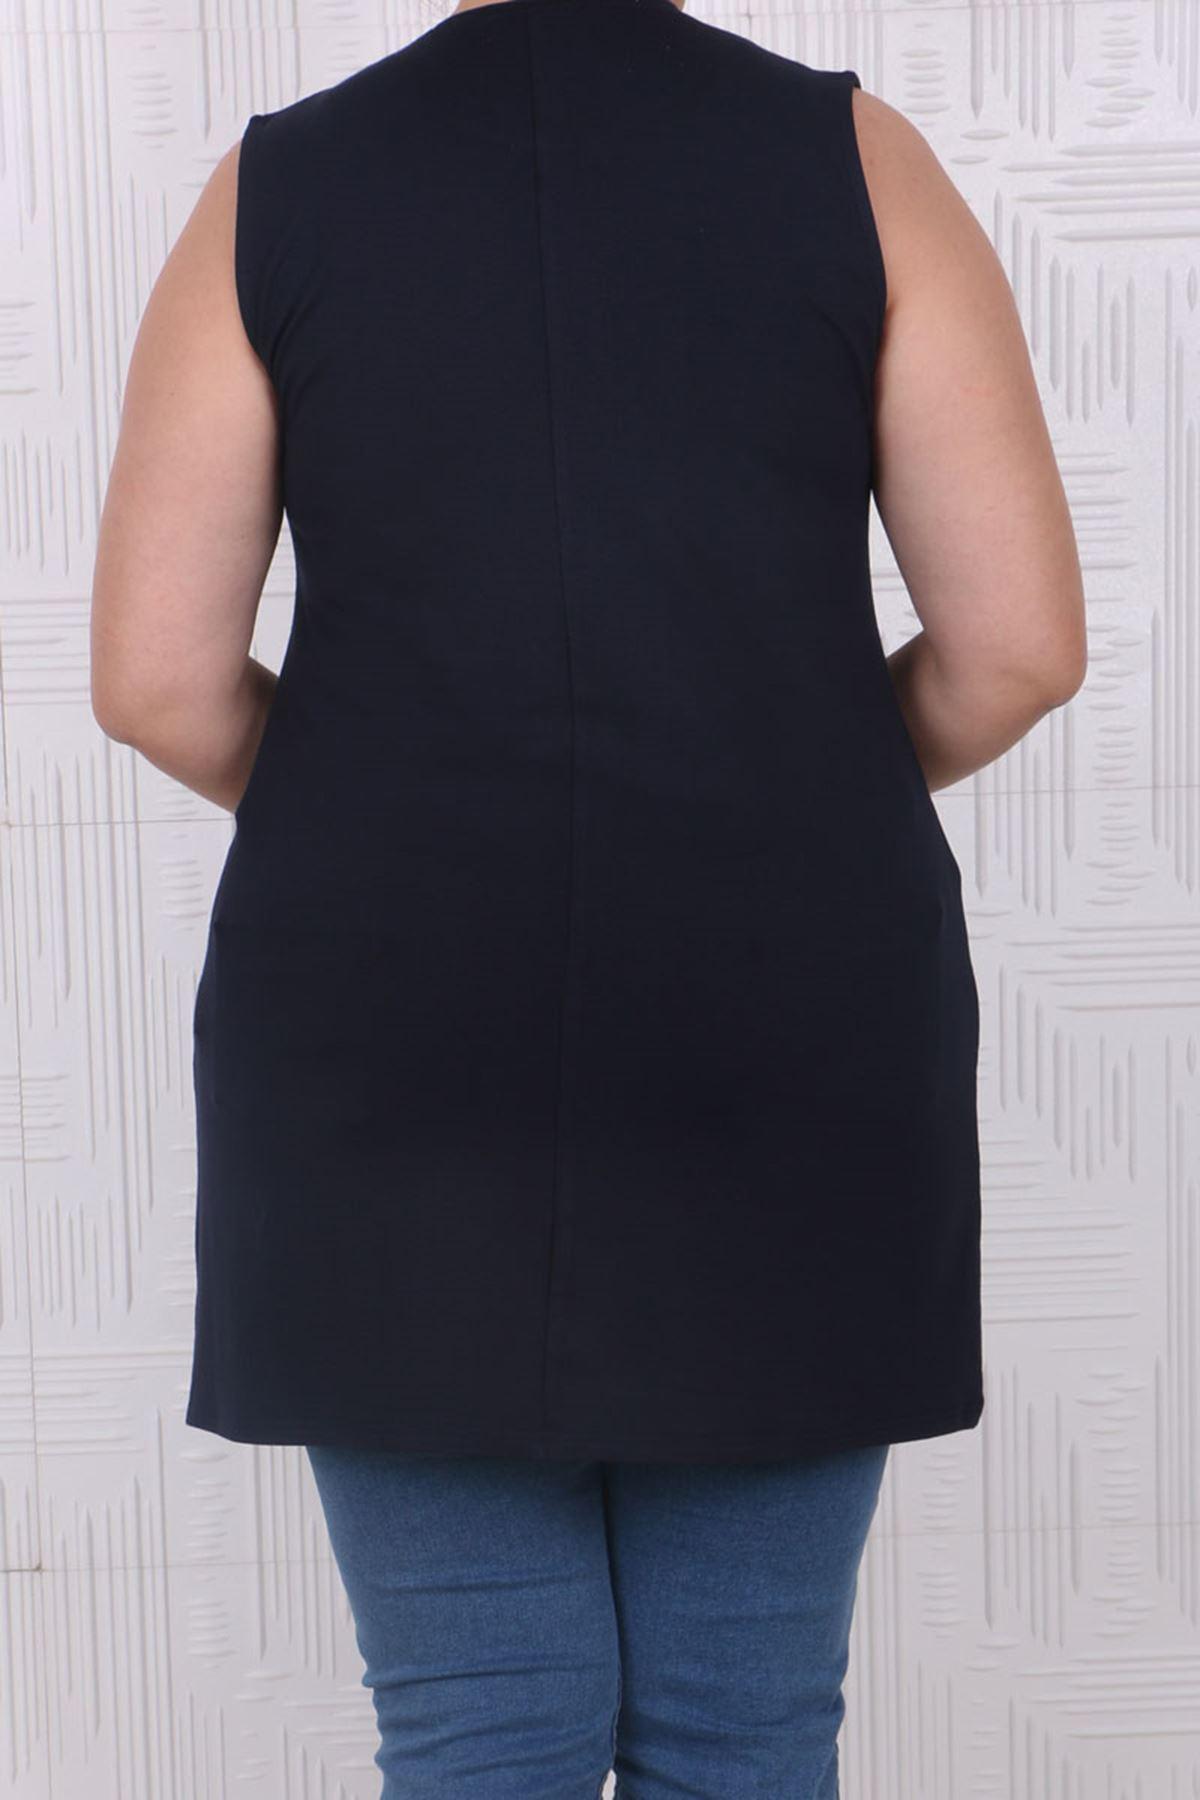 8507 Plus Size Basic Sleeveless Tunic- Navy blue